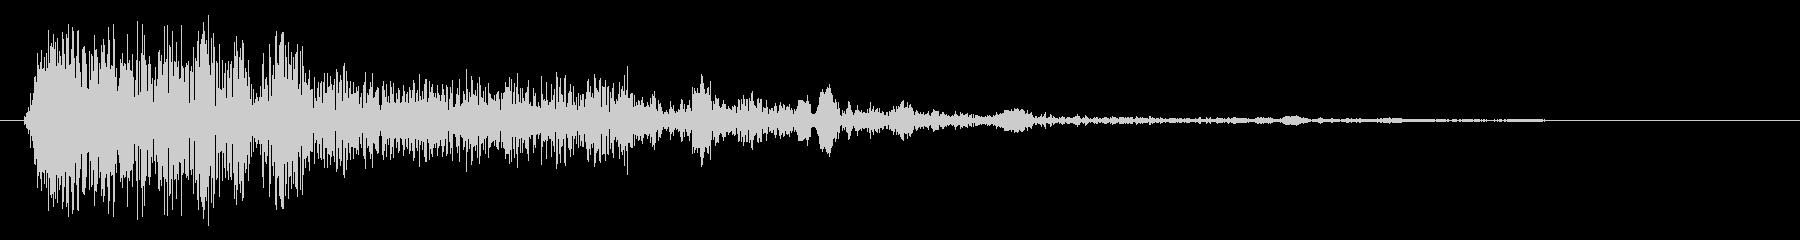 ビュイーン(攻撃などの発射音)の未再生の波形